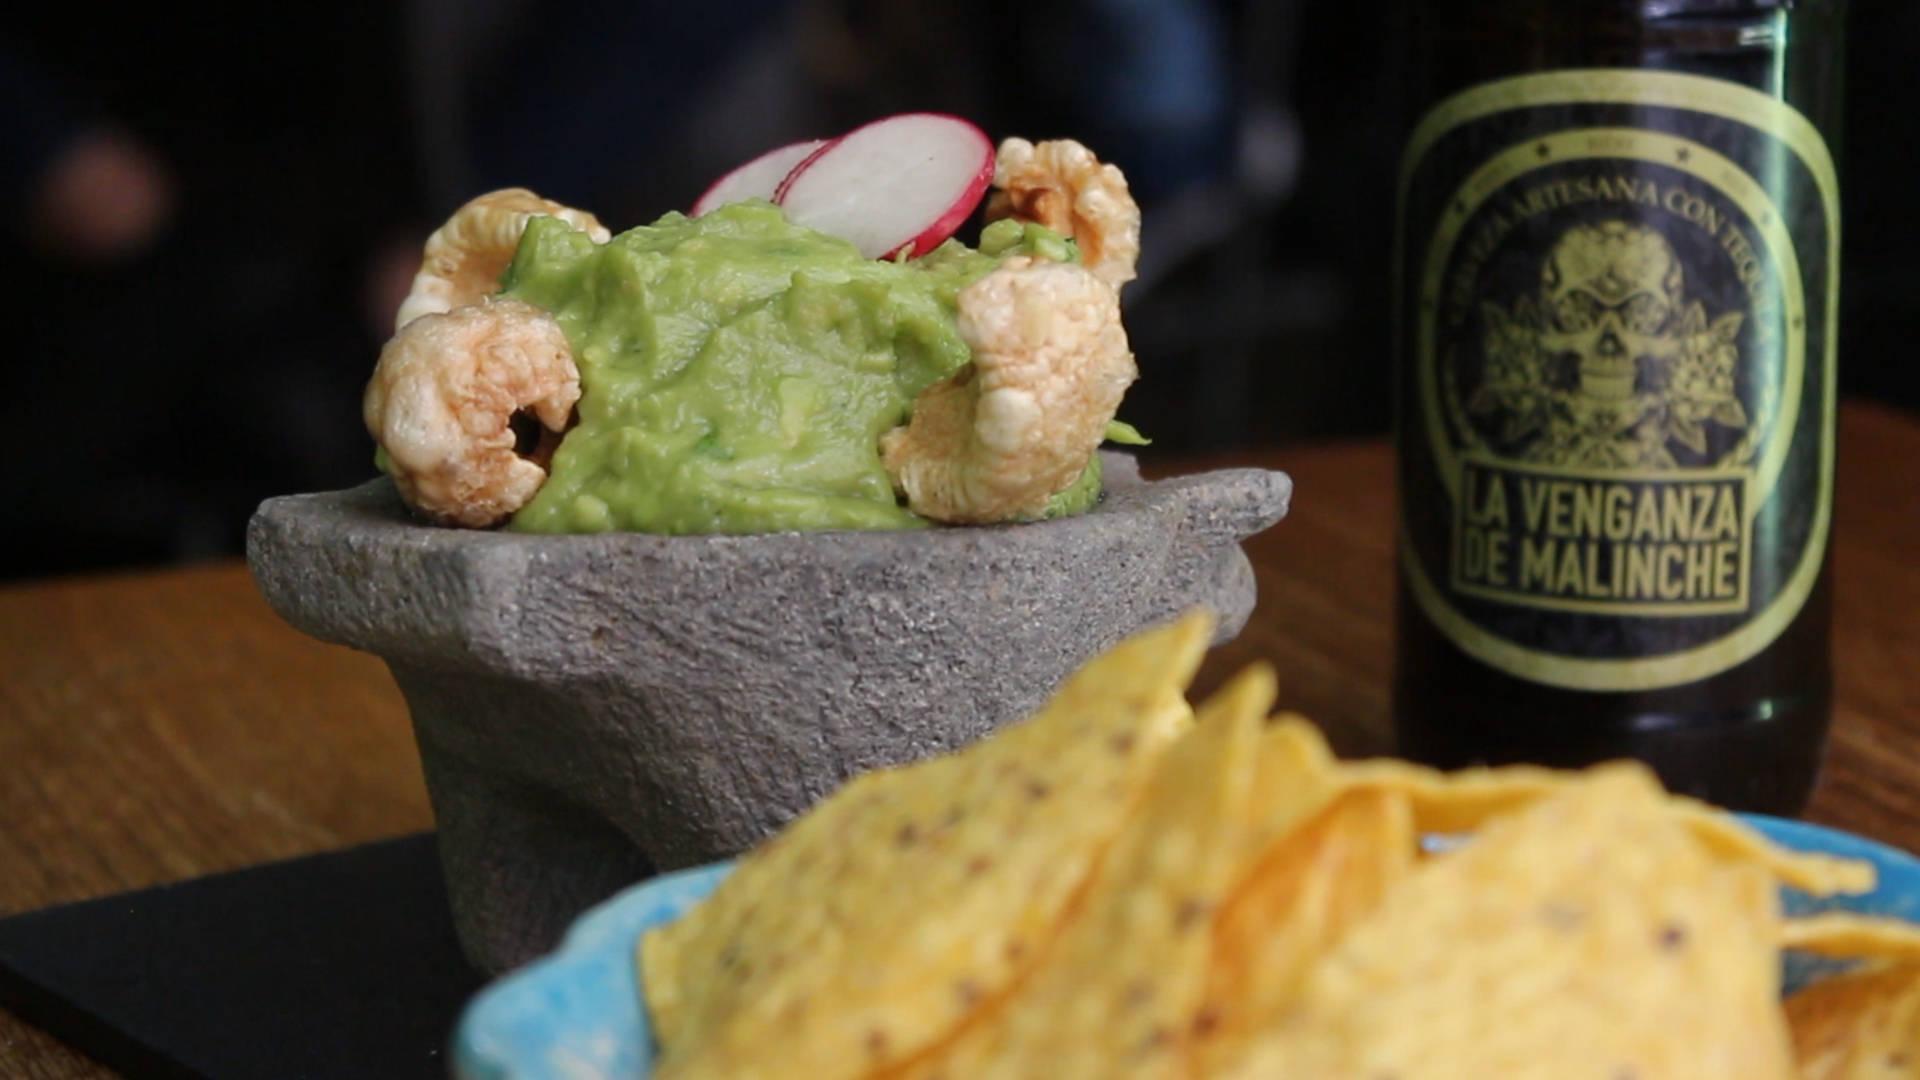 La Venganza de Malinche ha creado su propia cerveza artesanal, con siete grados de alcohol por su toque de tequila.